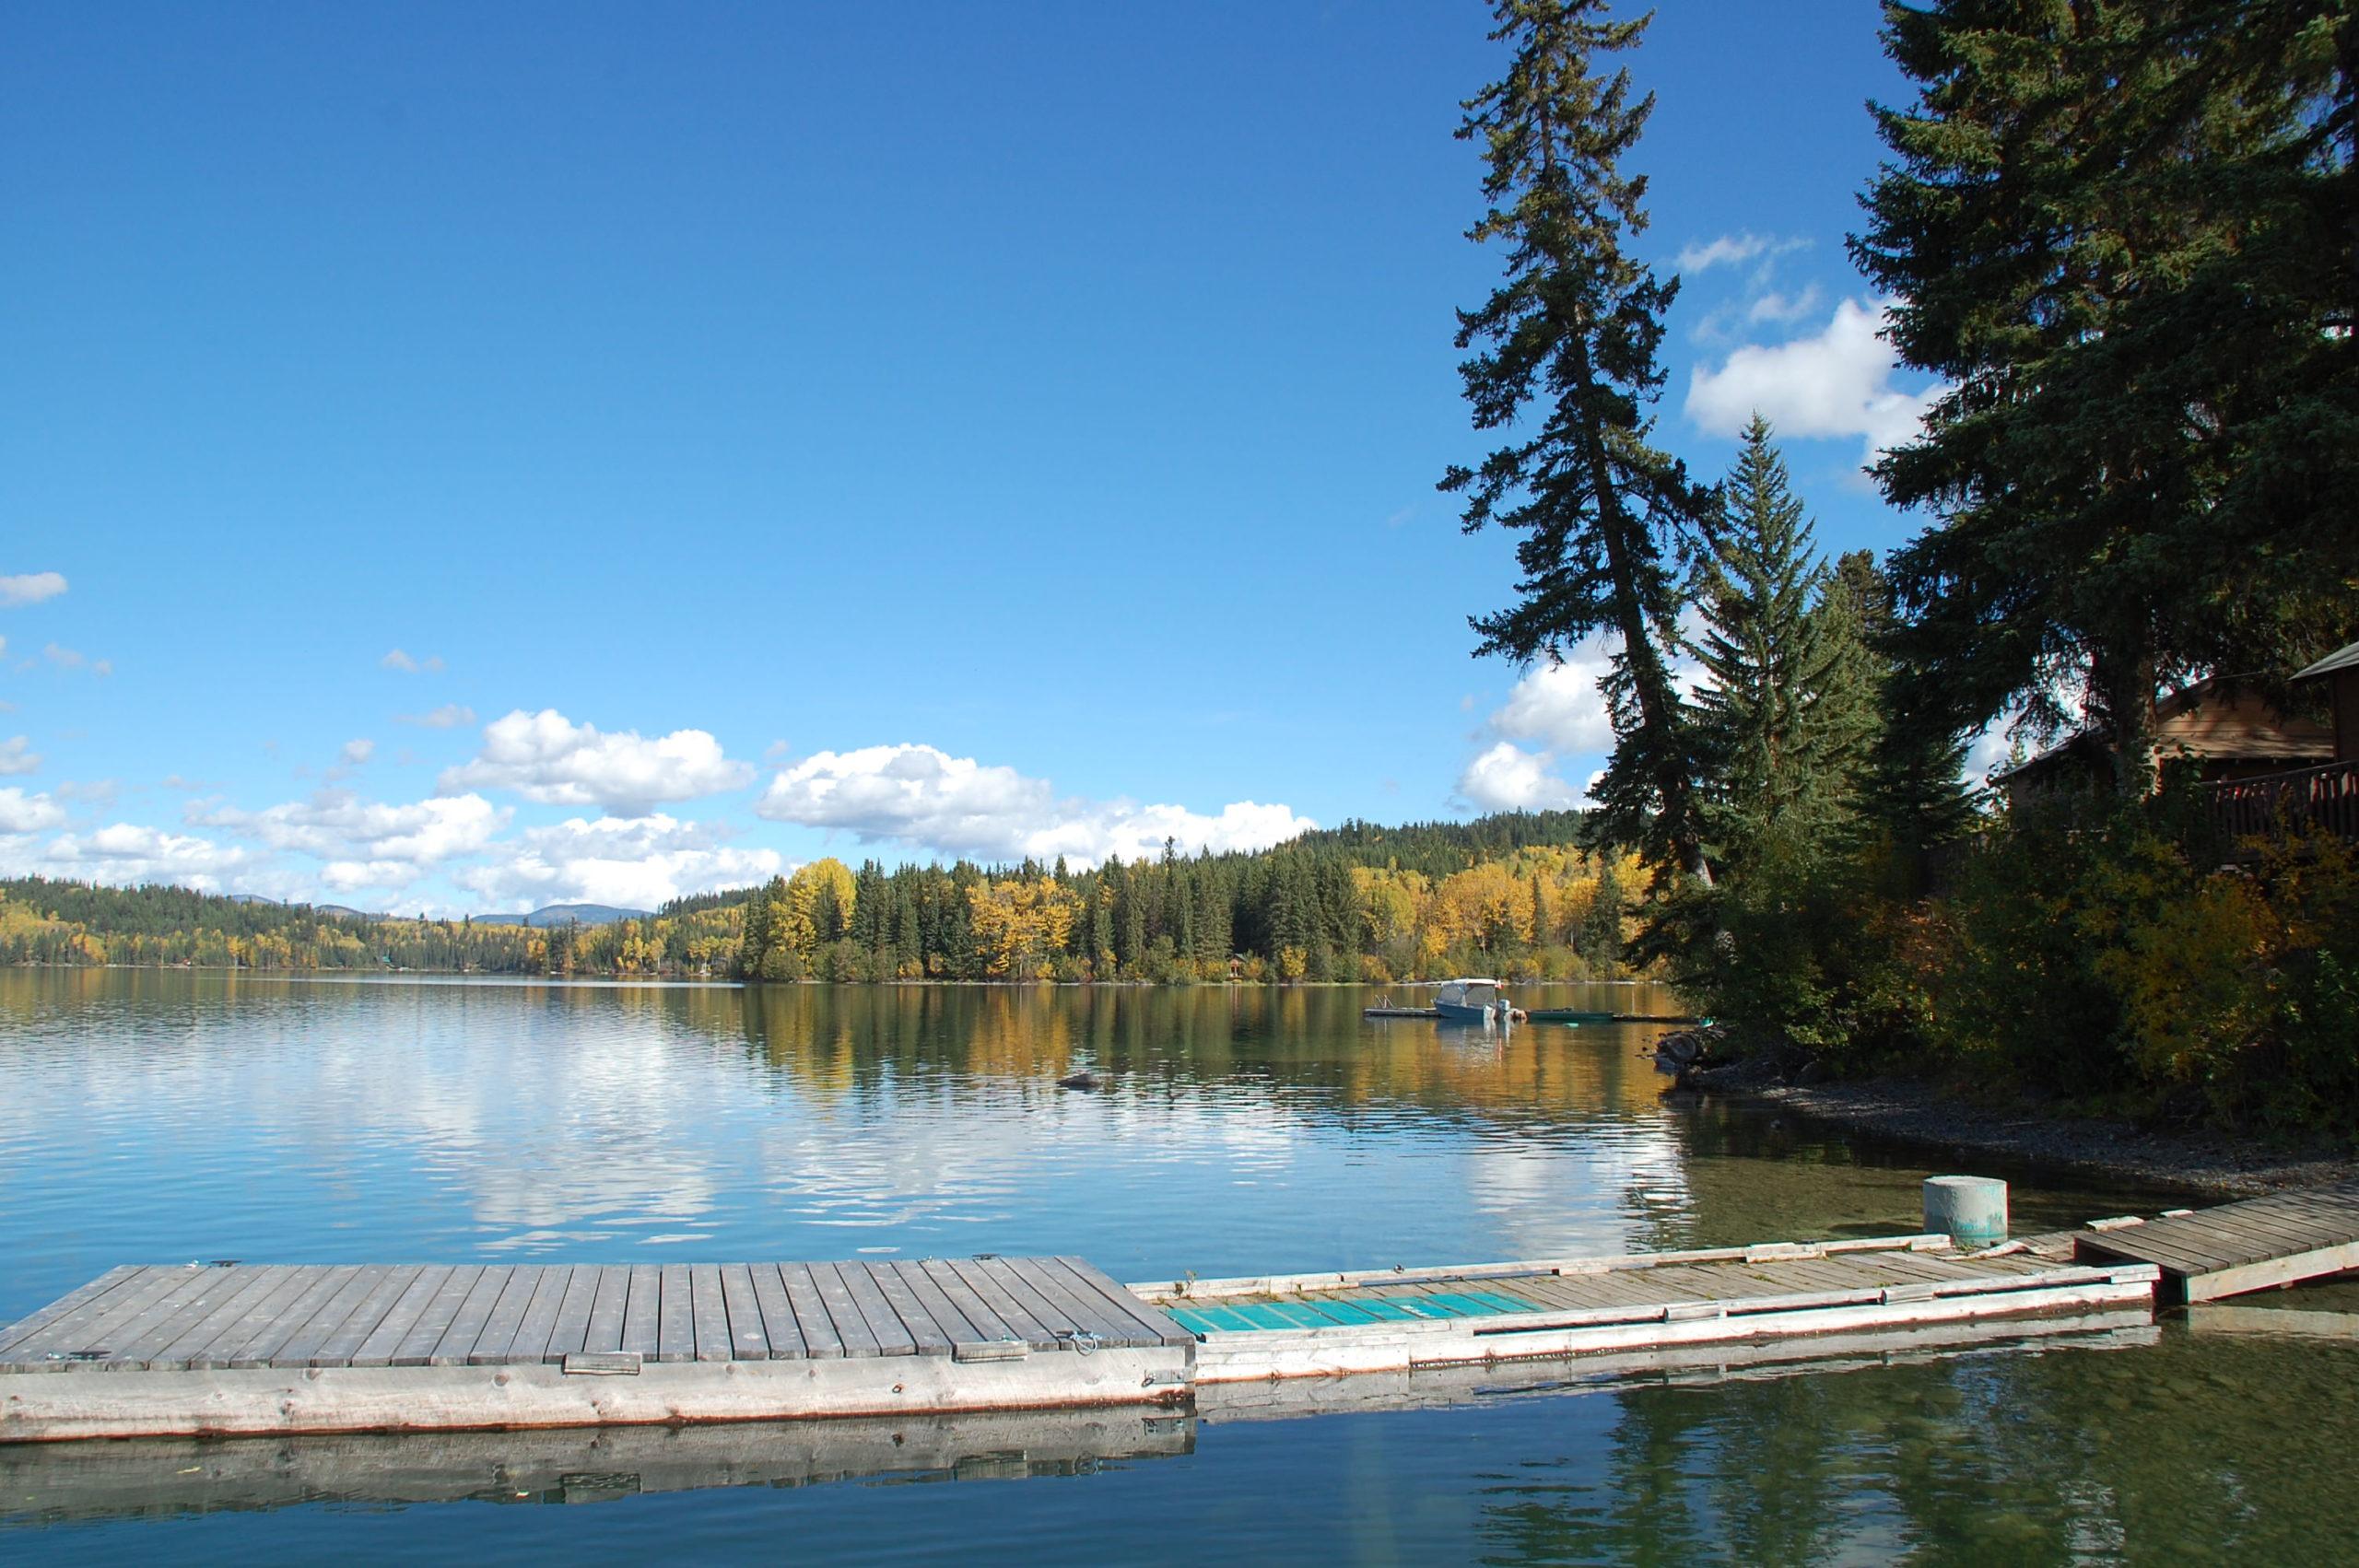 Das Cottonwood Bay Resort am Bridge Lake